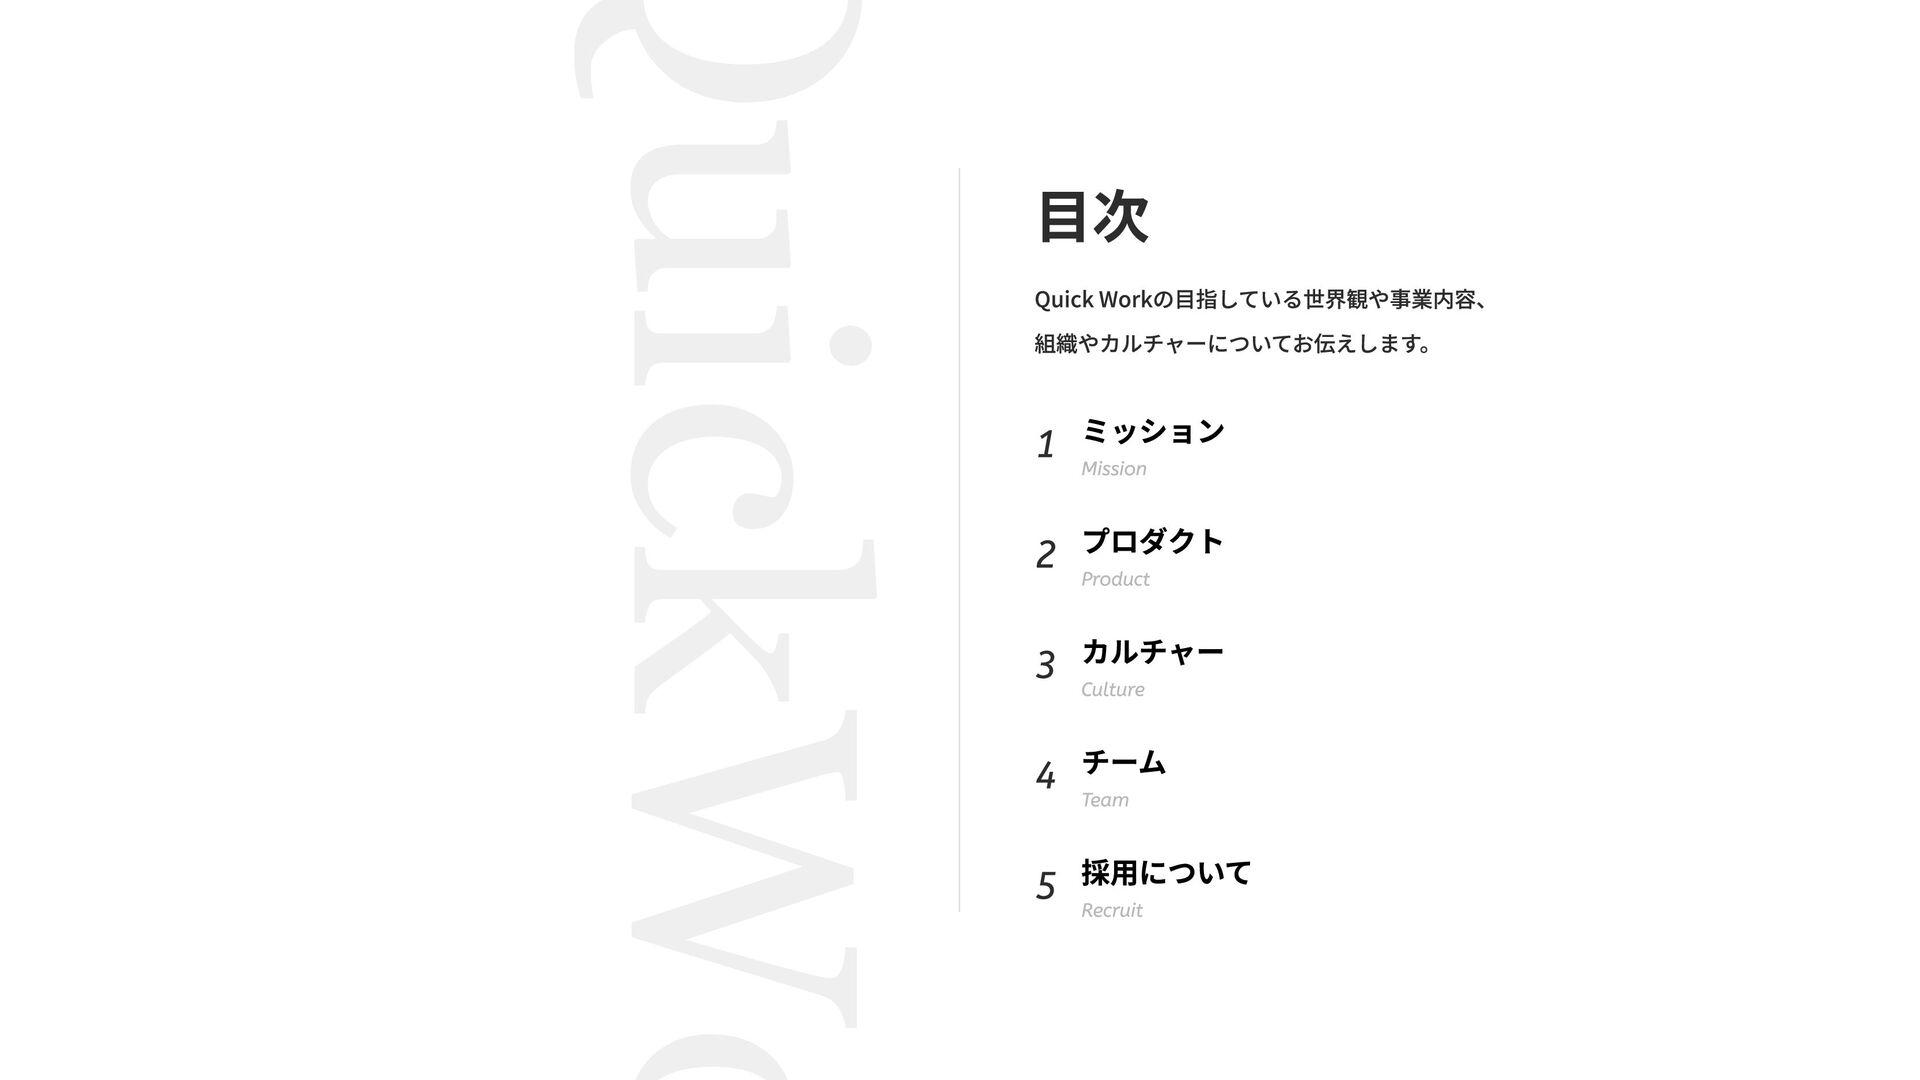 社名 代表者 設⽴ 従業員 オフィス 事業内容 :株式会社QuickWor...